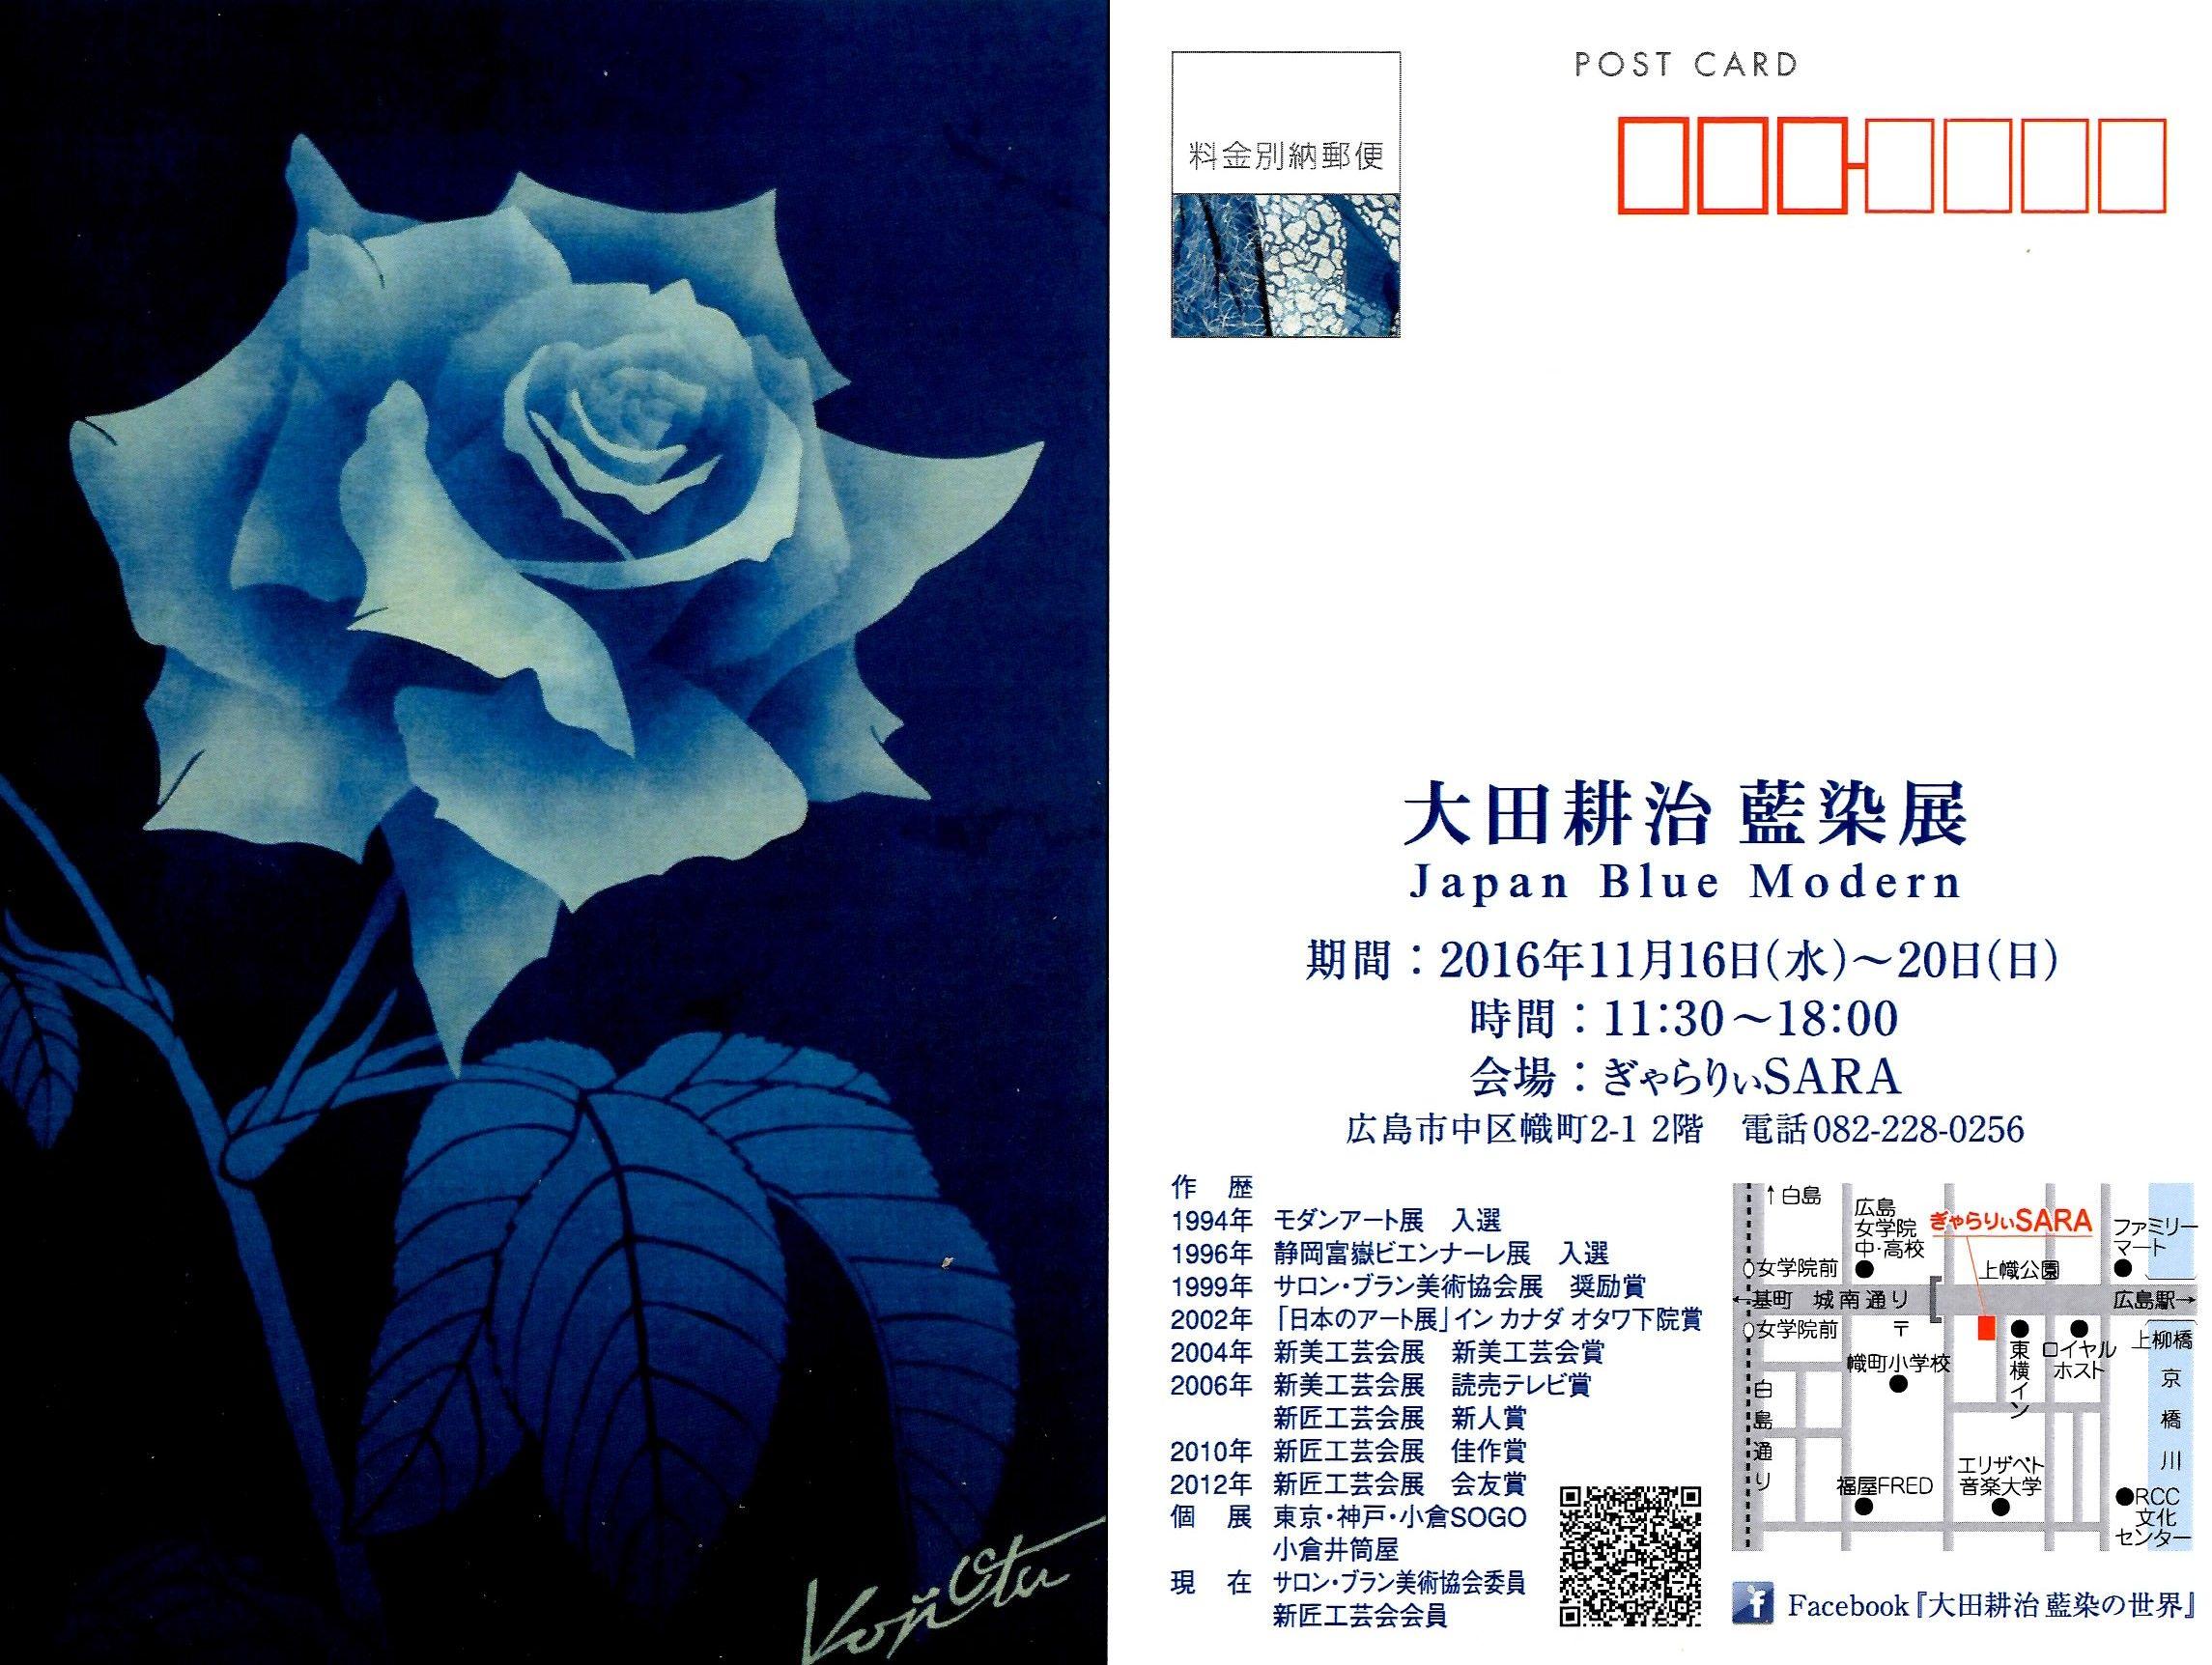 大田耕治藍染展=Japan Blue Modern=_e0013868_1014934.jpg